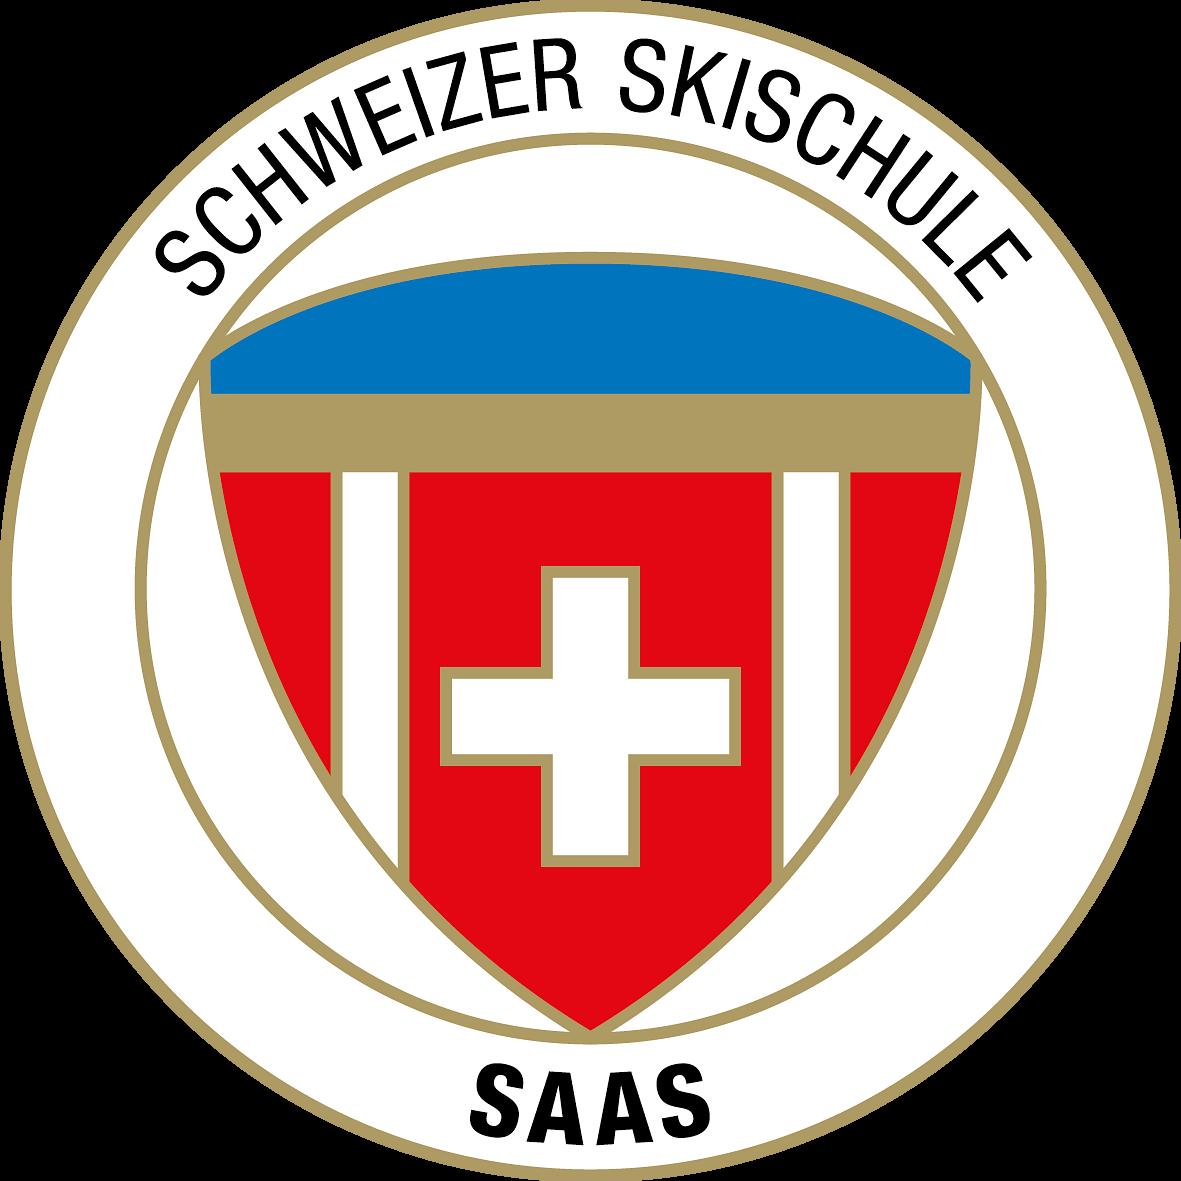 Schweizer Ski- und Snowboardschule Saas AG